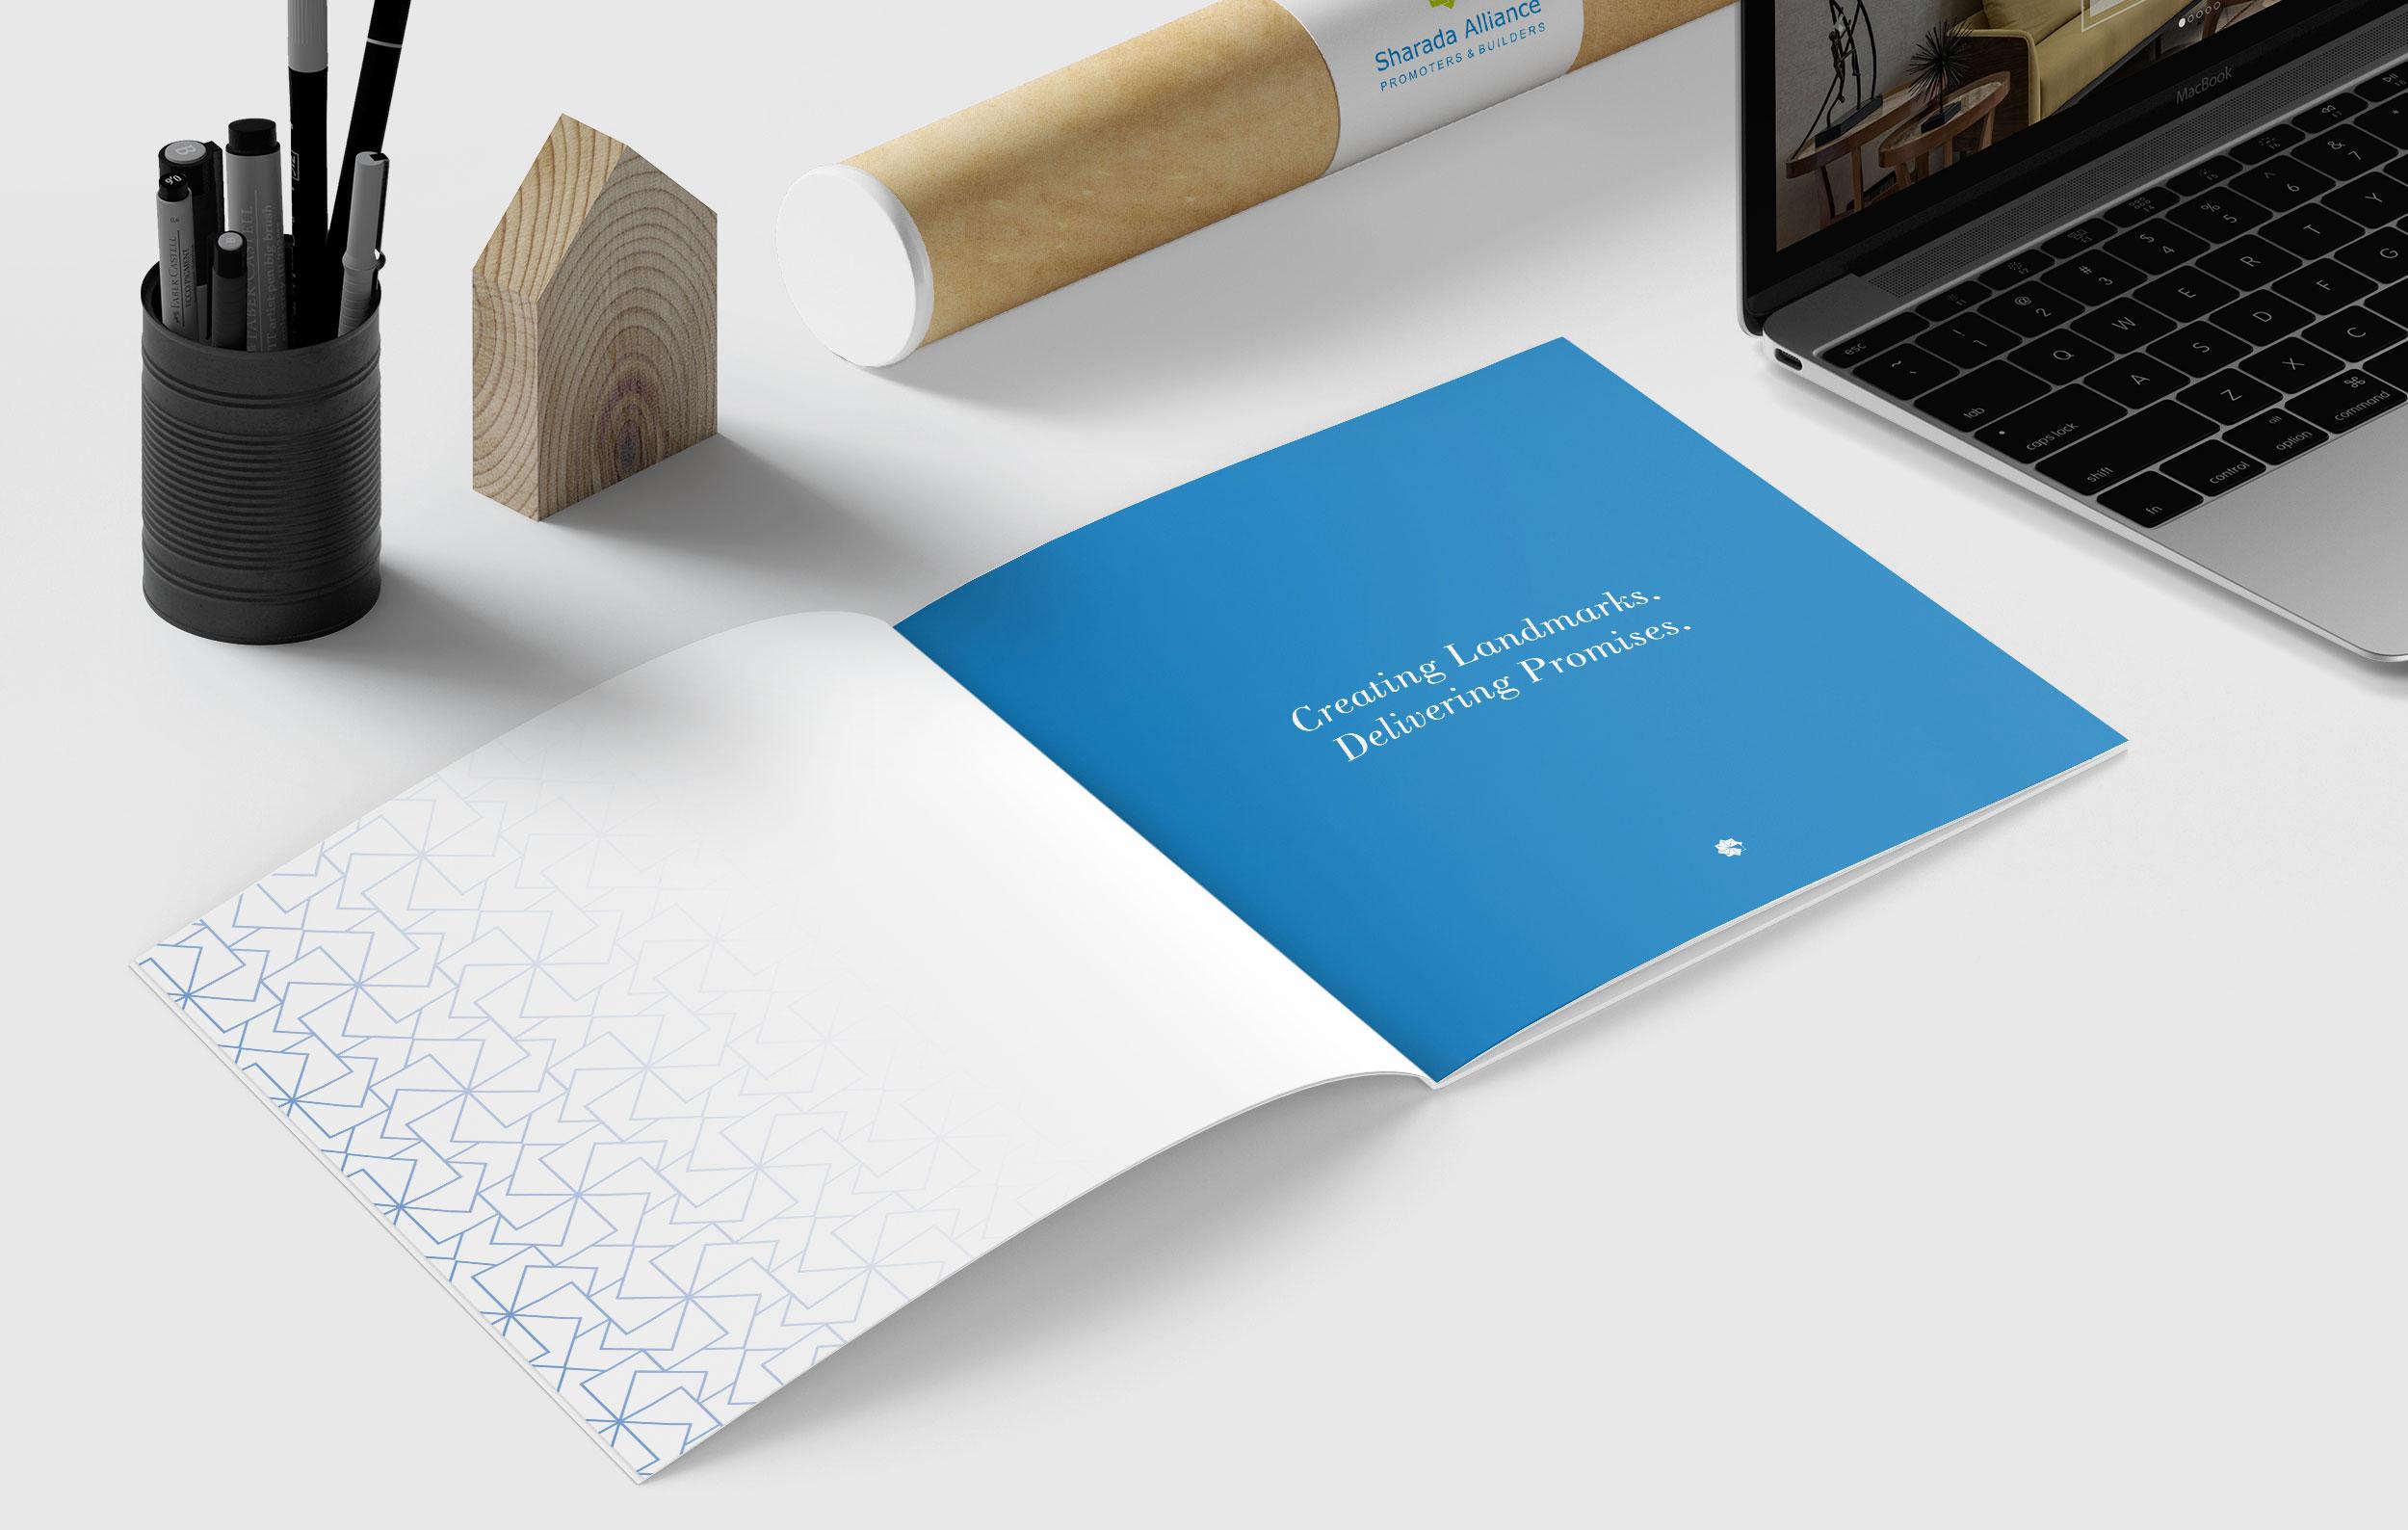 Graphic Design Project Details